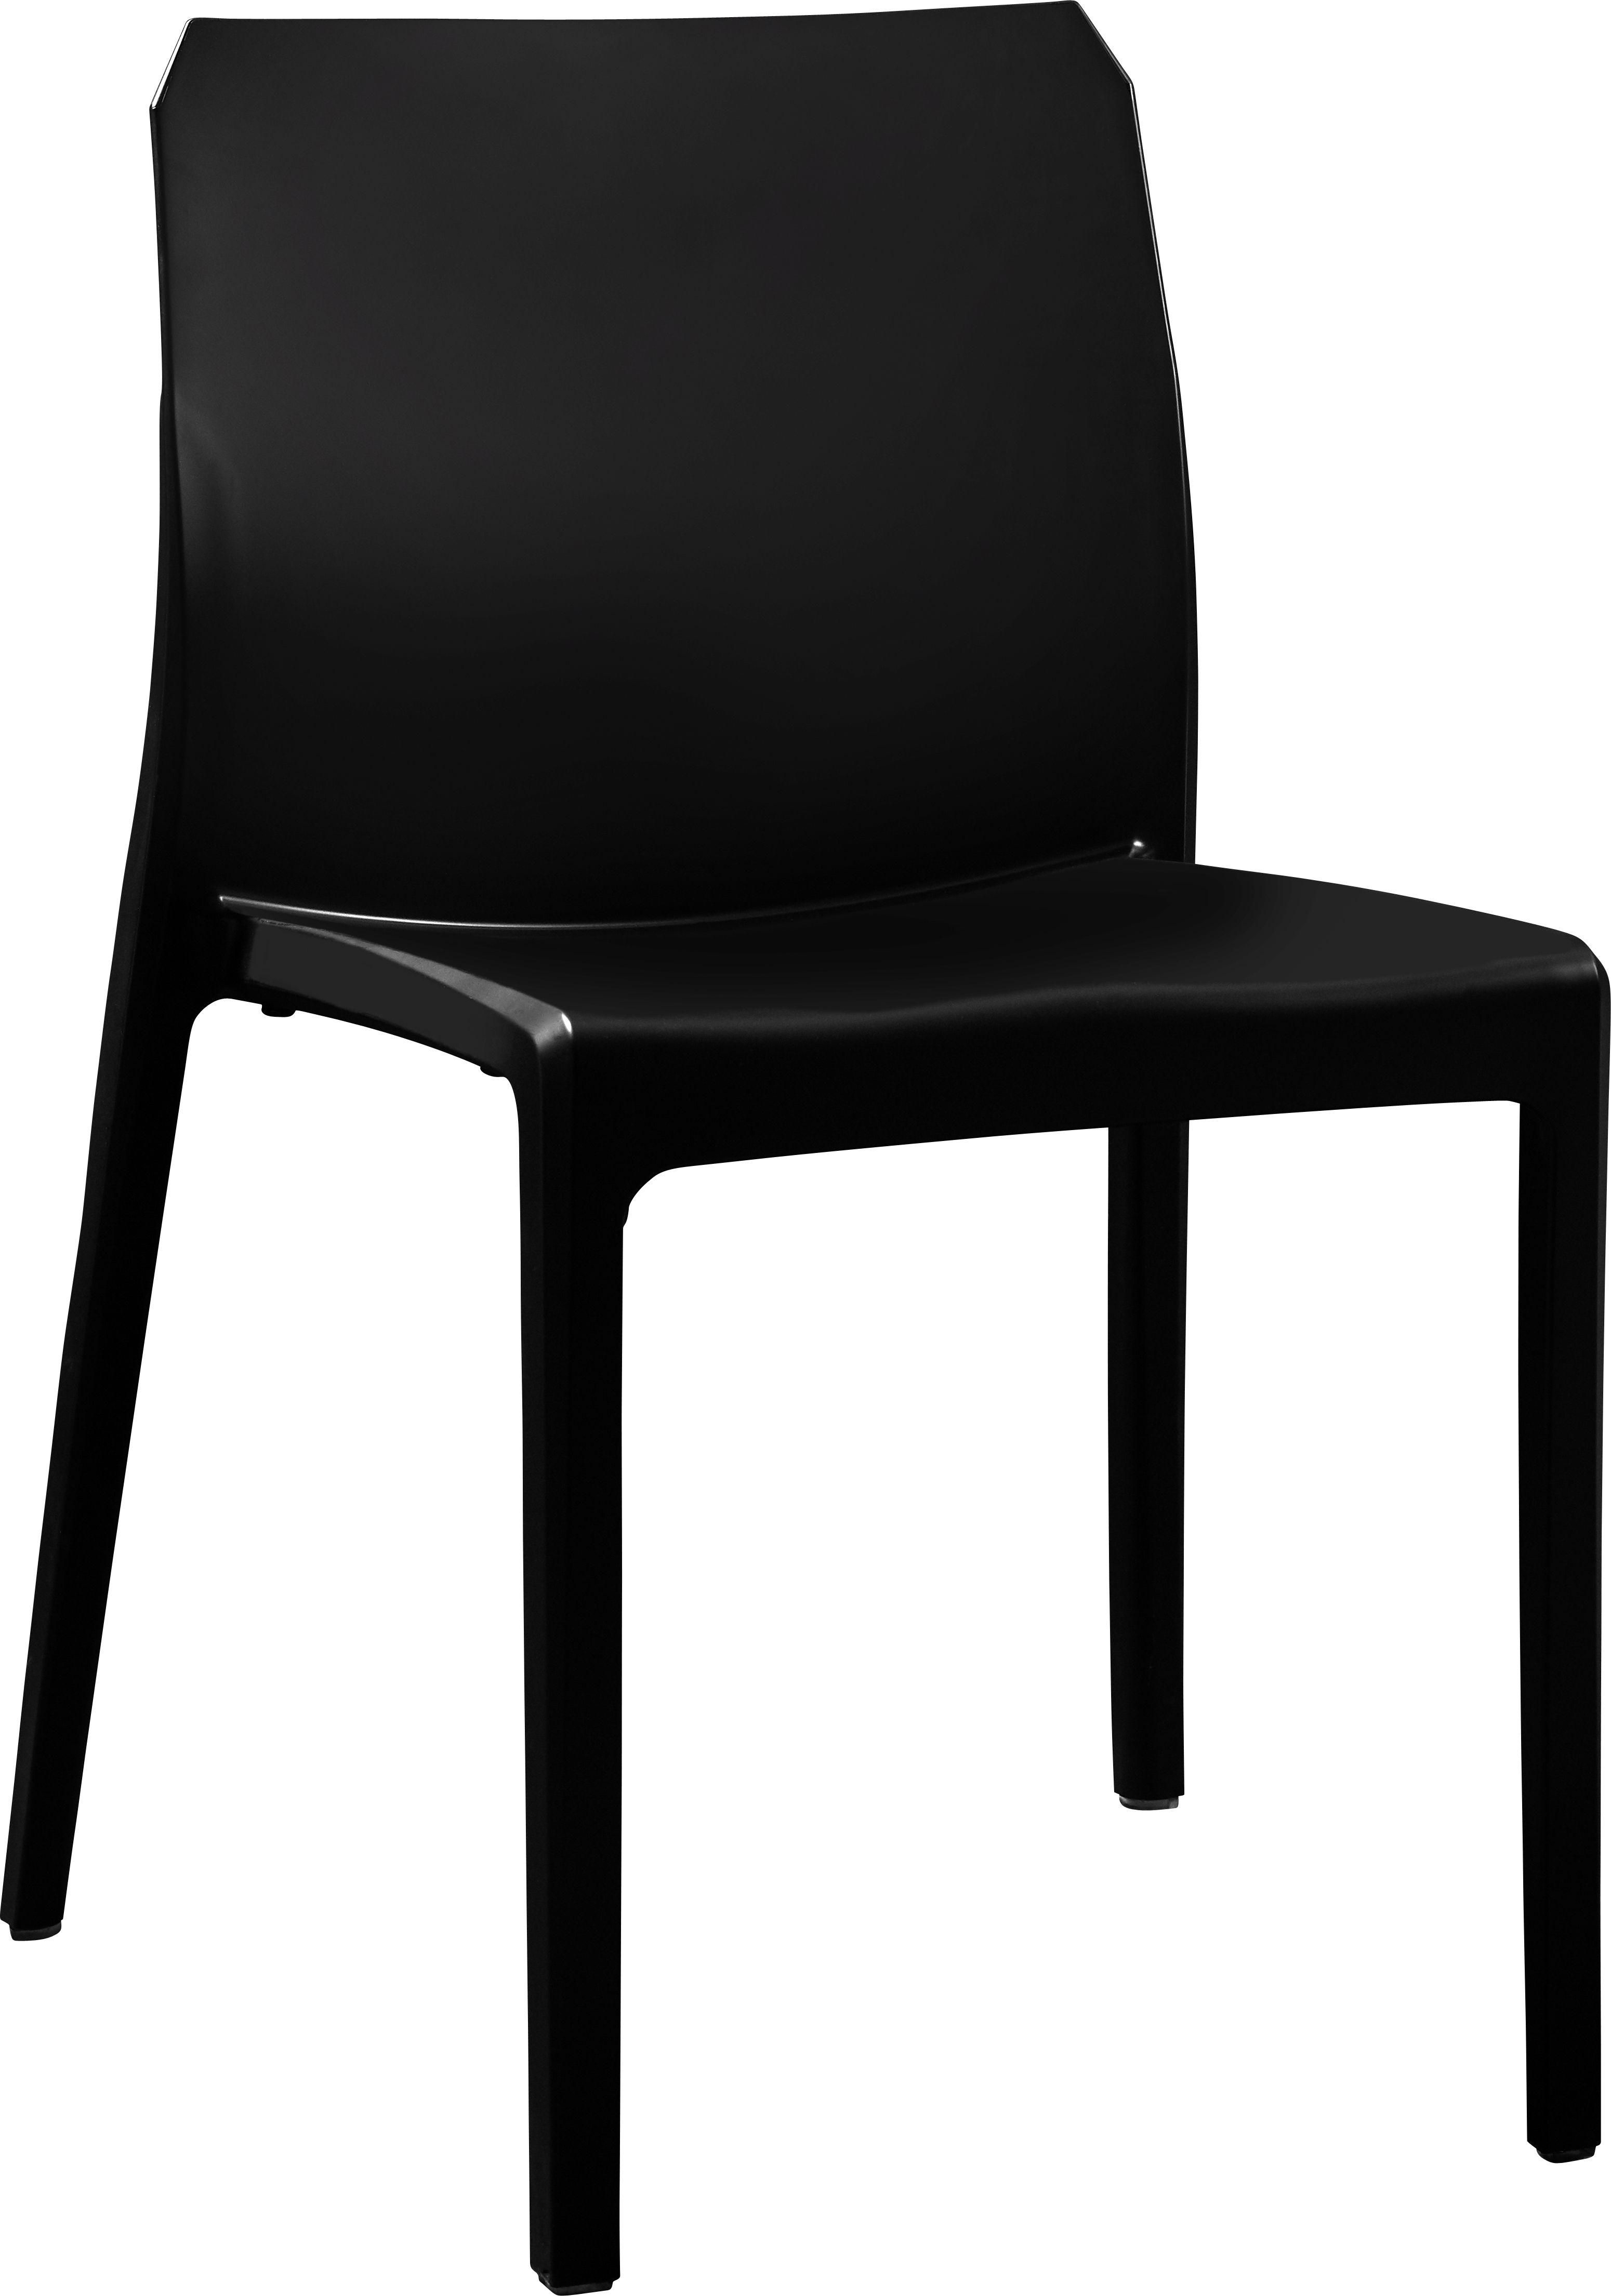 Malya Chaise En Polypropylene Et Fibre De Verre Noir Meubles De Patio Mobilier De Salon Chaise